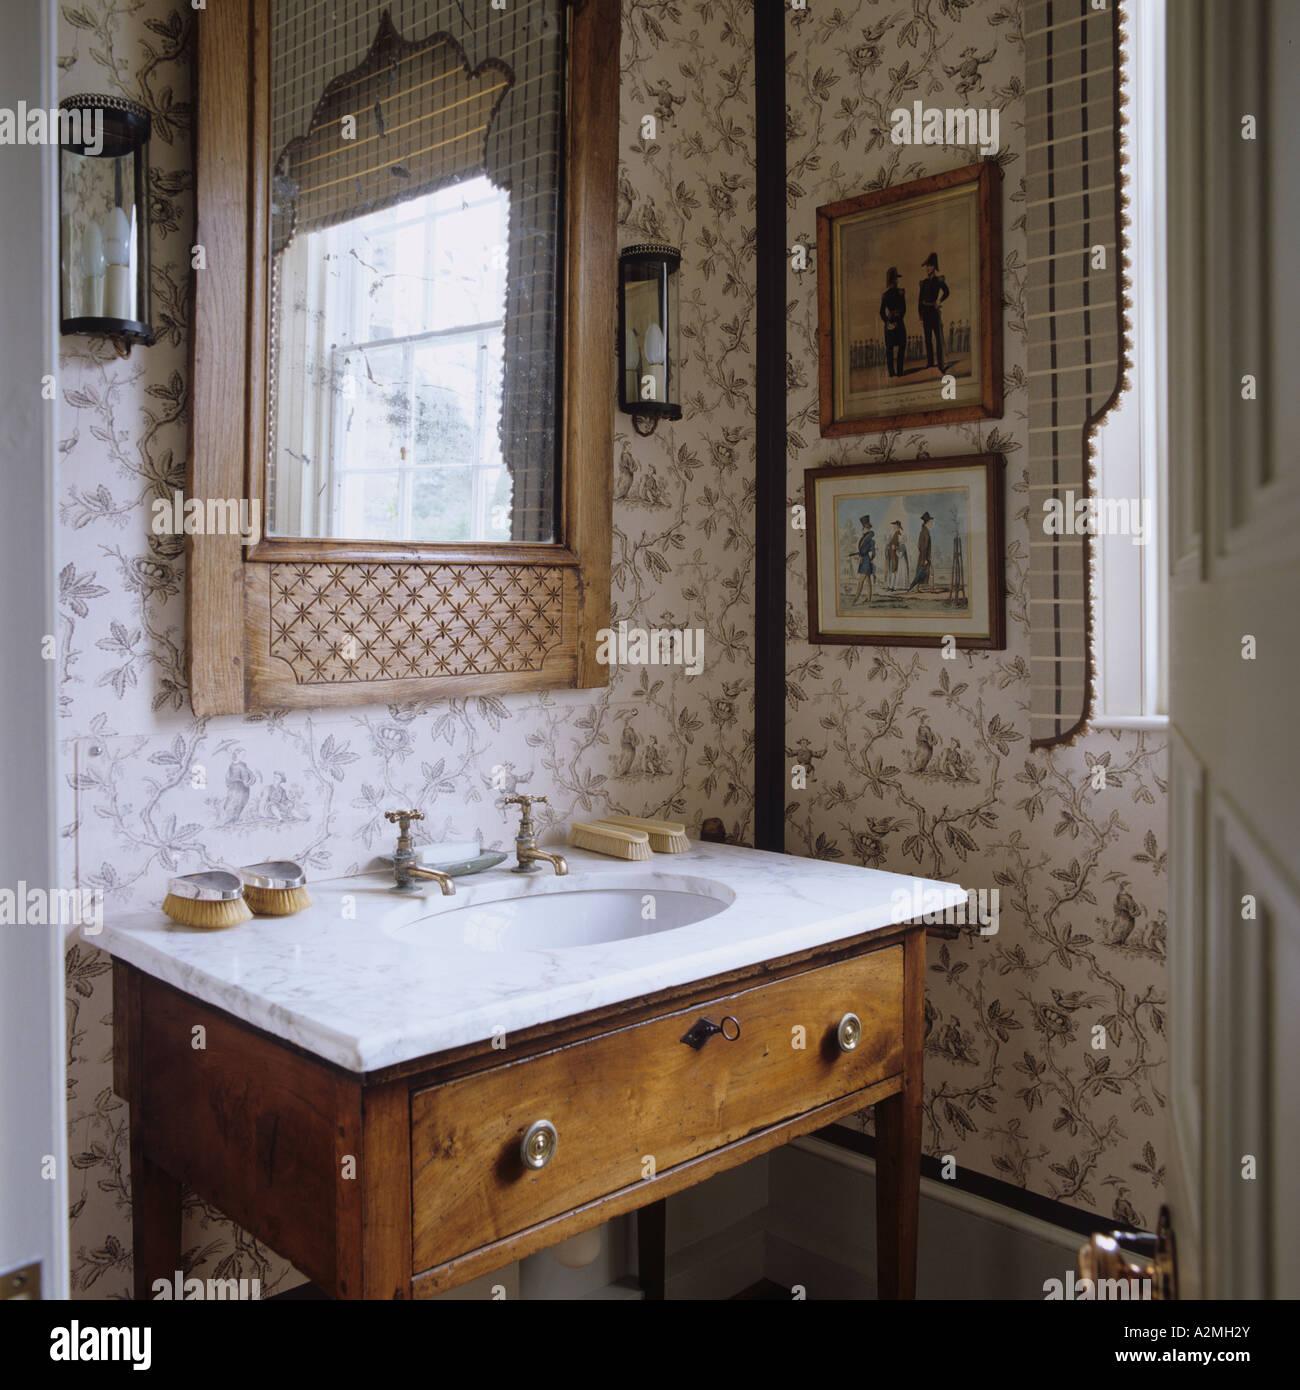 Bagno Casa Di Campagna : Bagno in inglese bagno turco in inglese idee per la casa